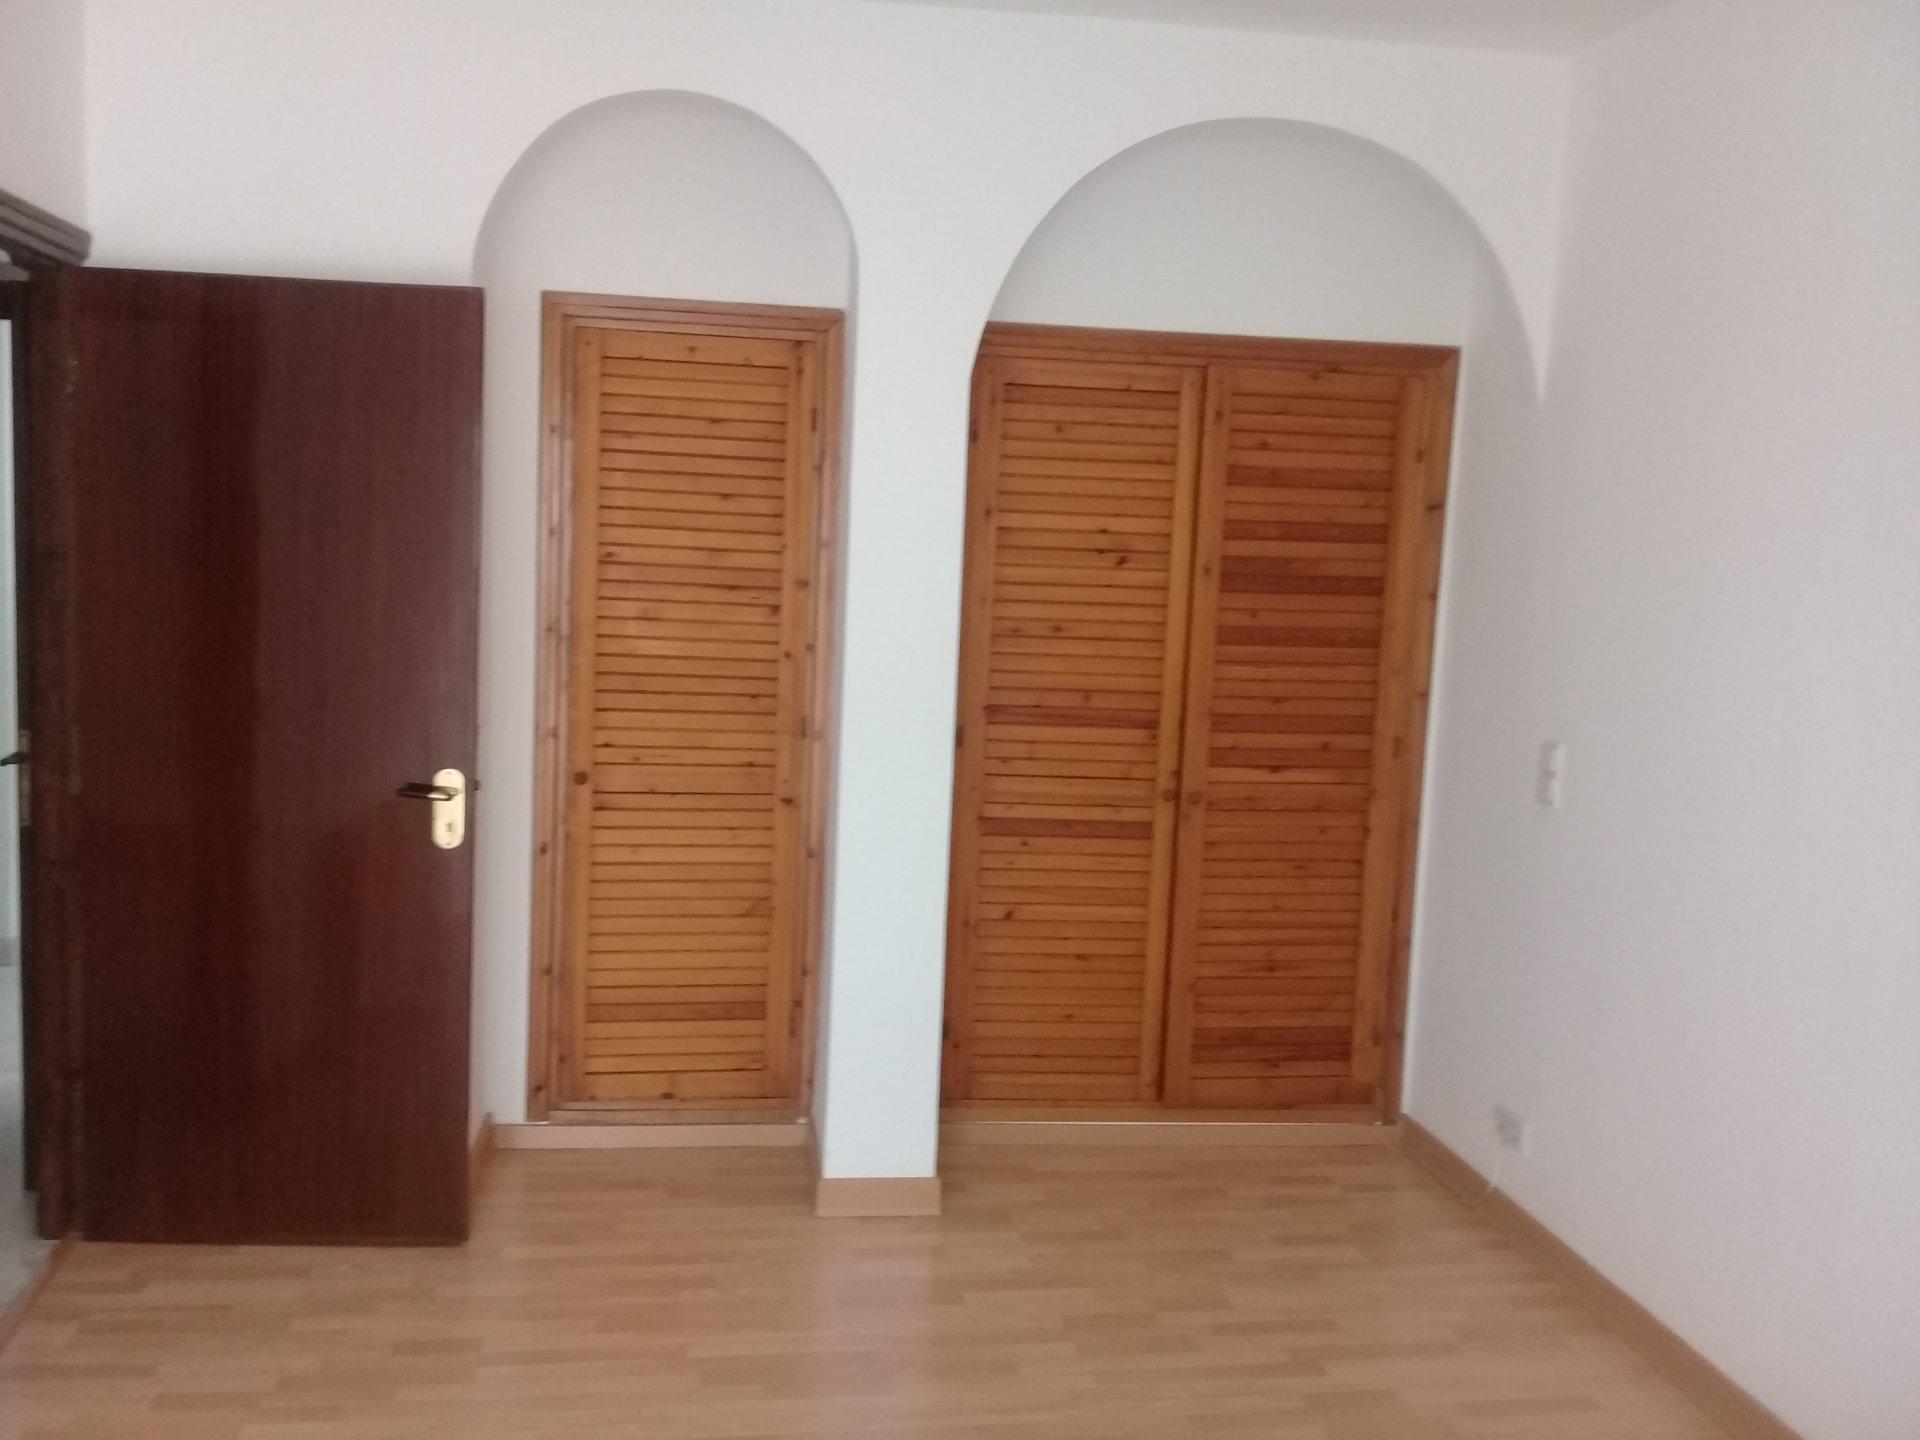 A vendre une villa de 1100 m² à La marsa